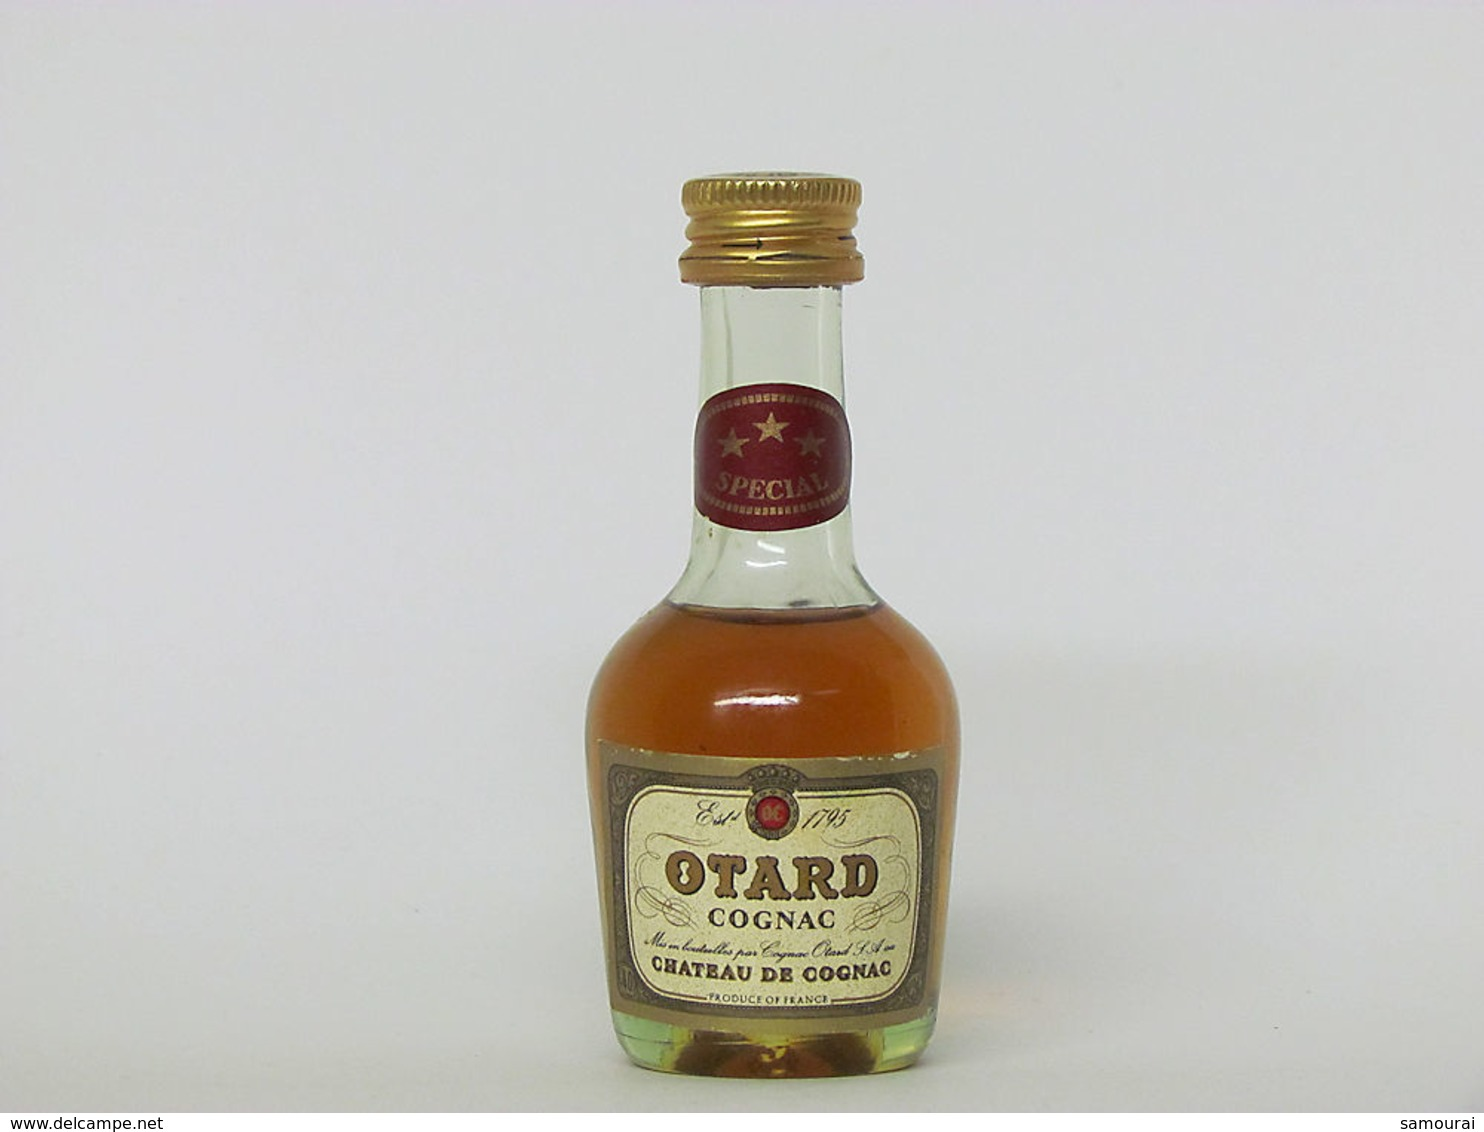 1 Mignonnette De Cognac - OTARD * * * SPECIAL - Mignonnettes